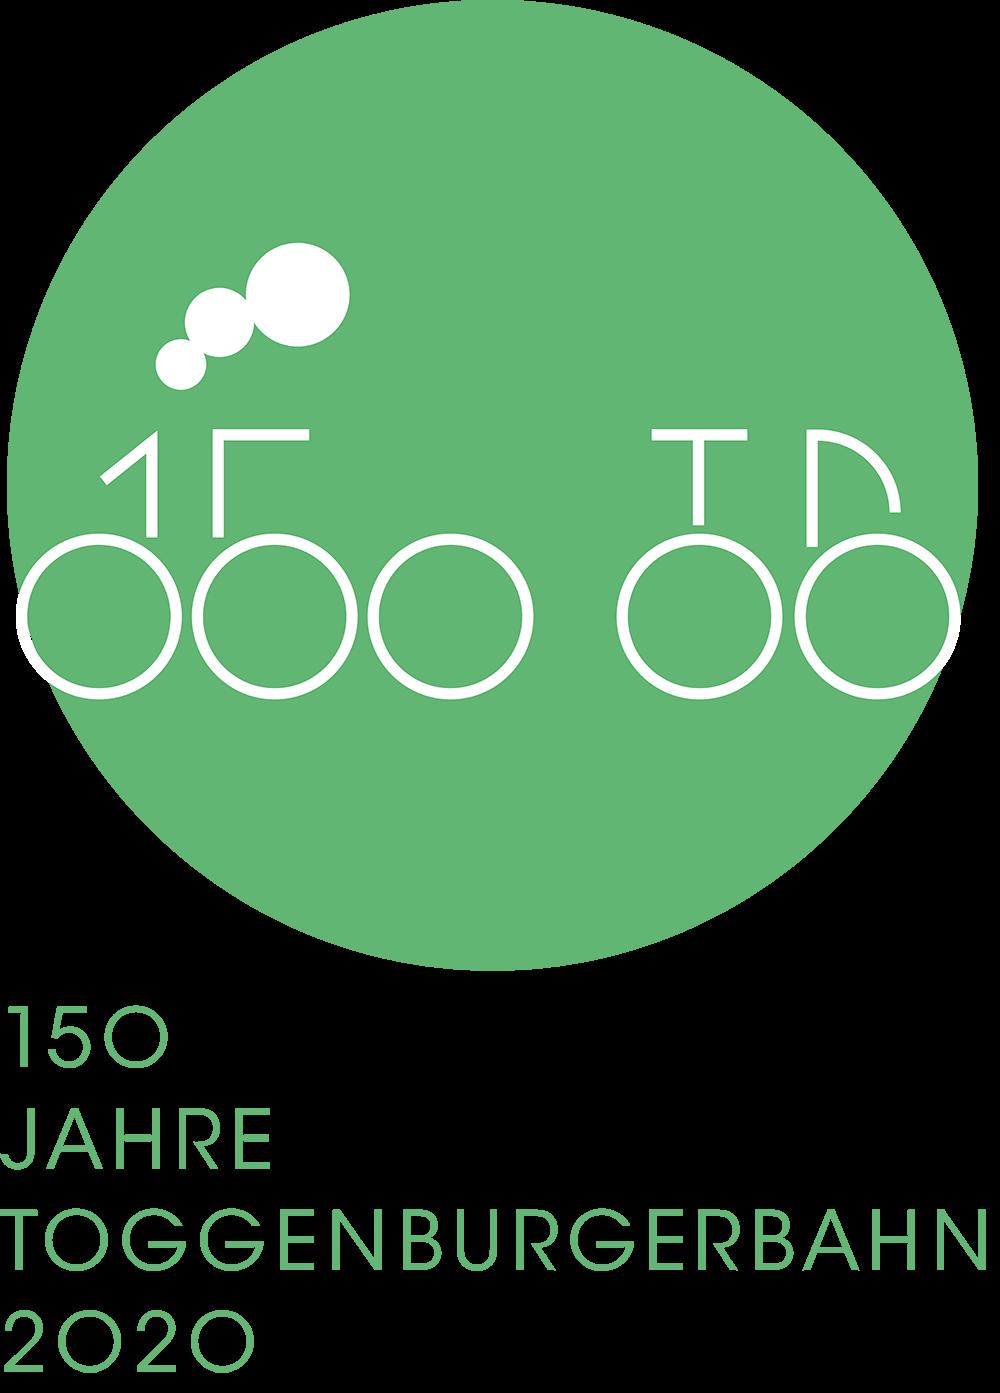 150 Jahre Toggenburger Bahn